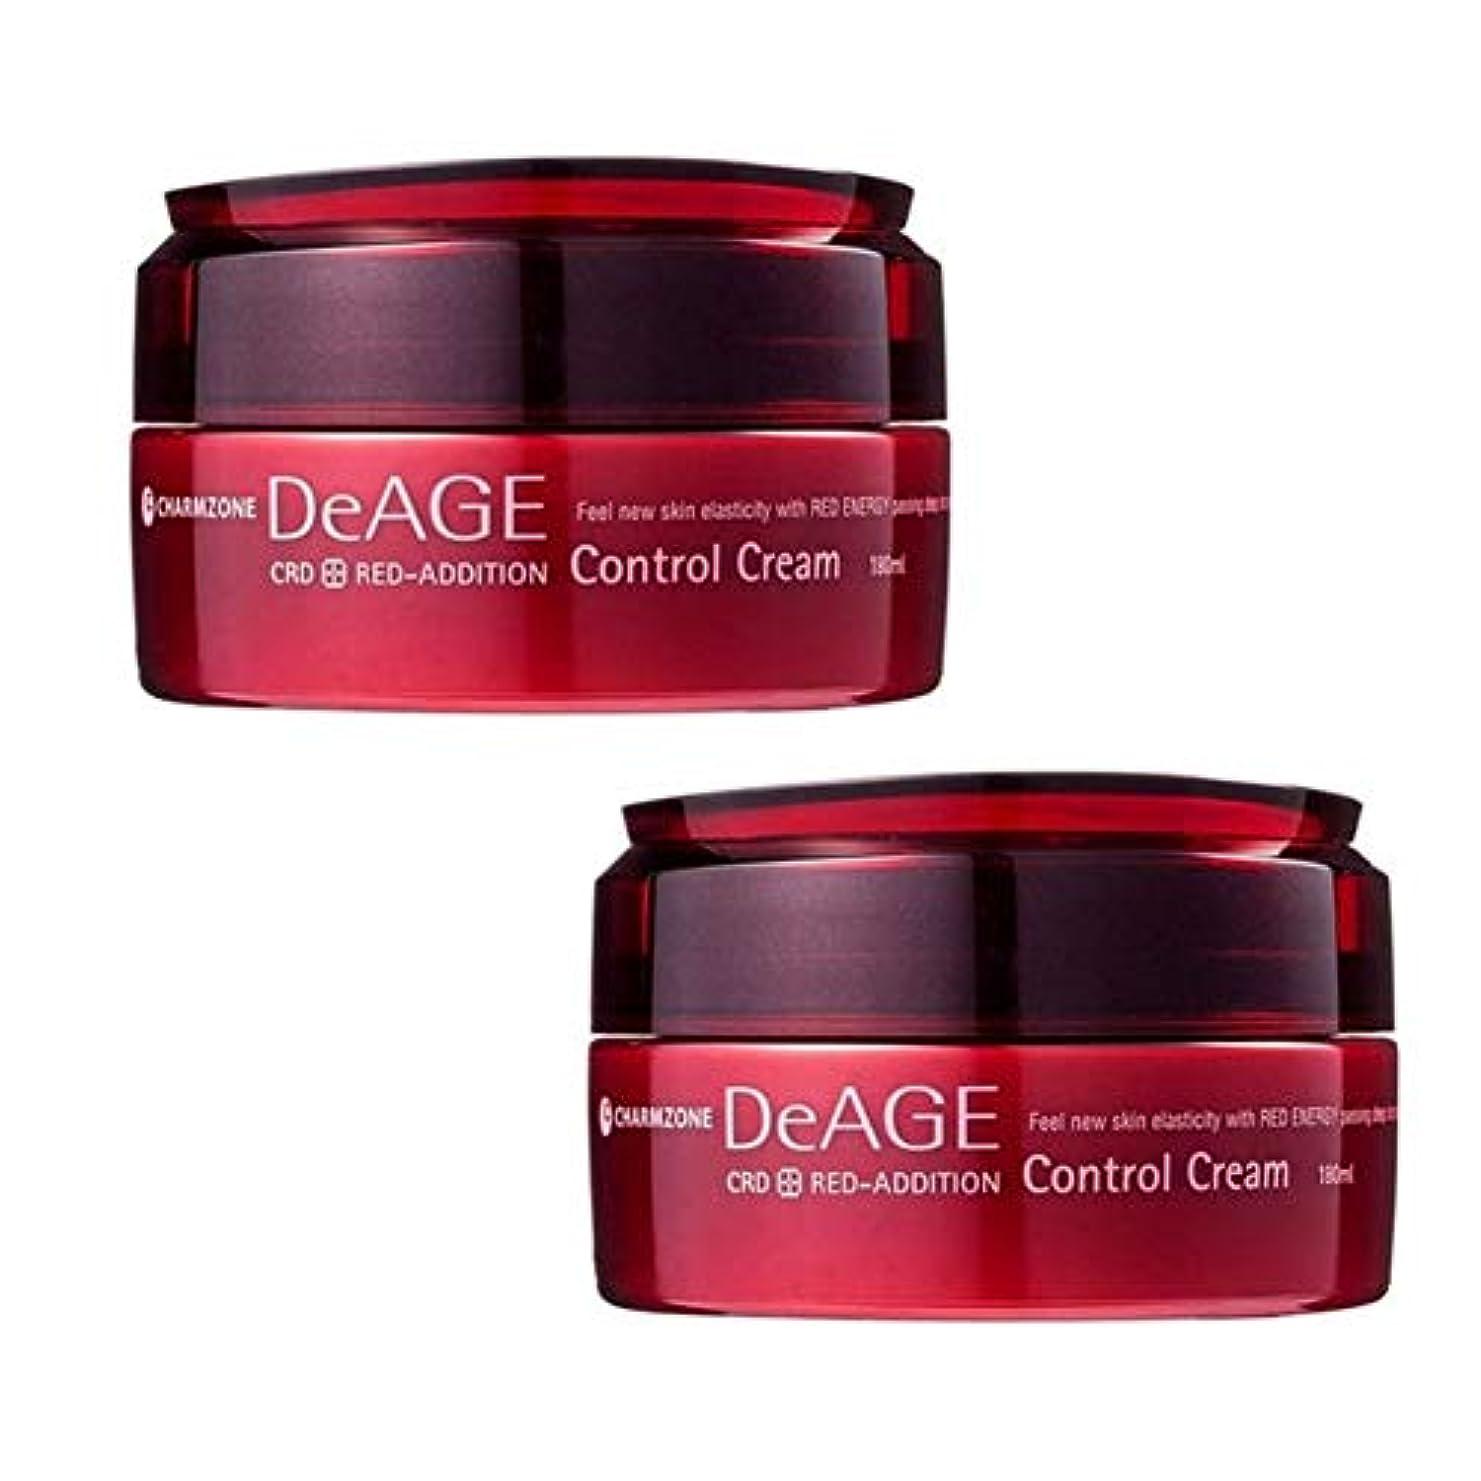 マザーランドオリエンテーションオプションチャムジョンディエイジレッドエディションコントロールクリーム180ml x 2本セットマッサージクリーム、Charmzone DeAGE Red-Addition Control Cream 180ml x 2ea Set...